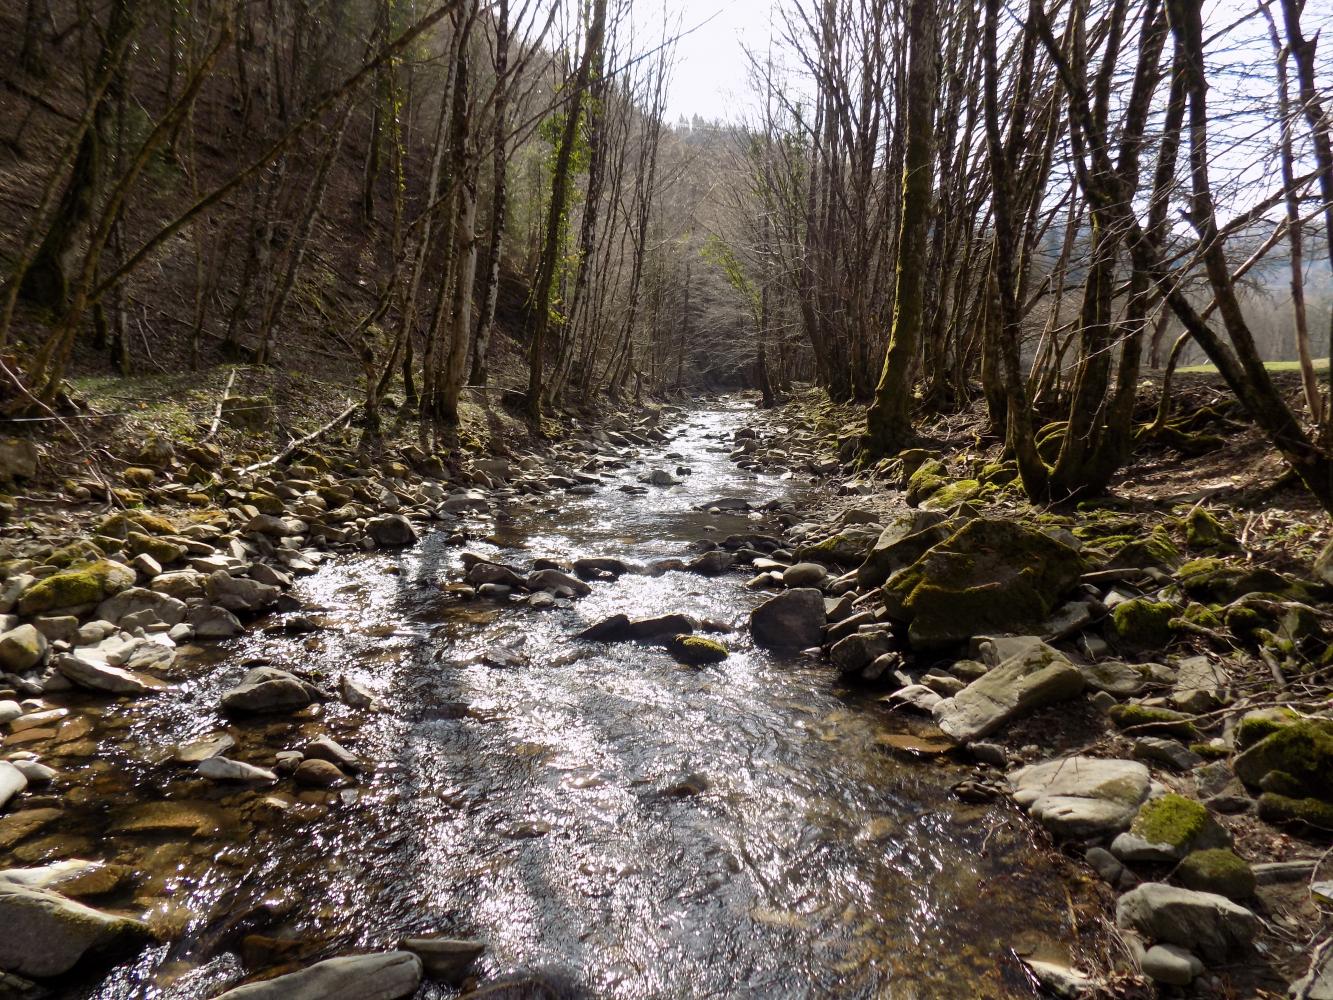 potok-padez-v-brkinih-je-oblikoval-globoko-dolino